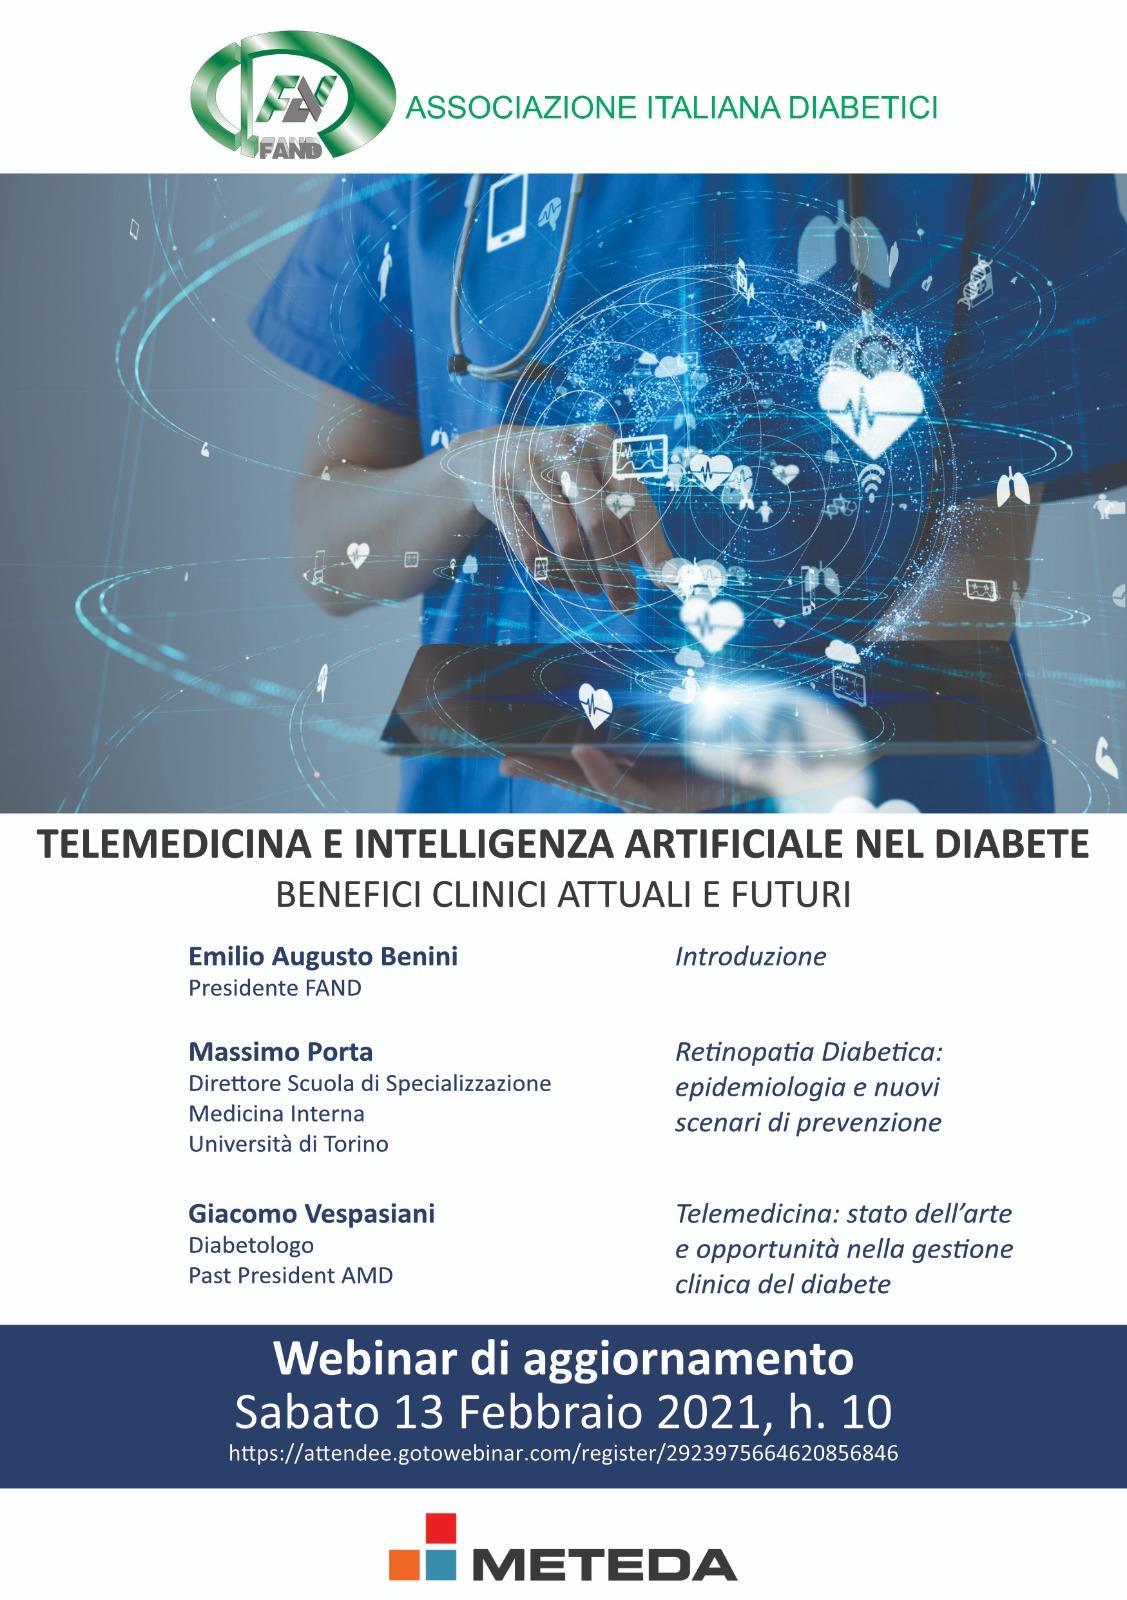 Telemedicina e intelligenza artificiale sul diabete